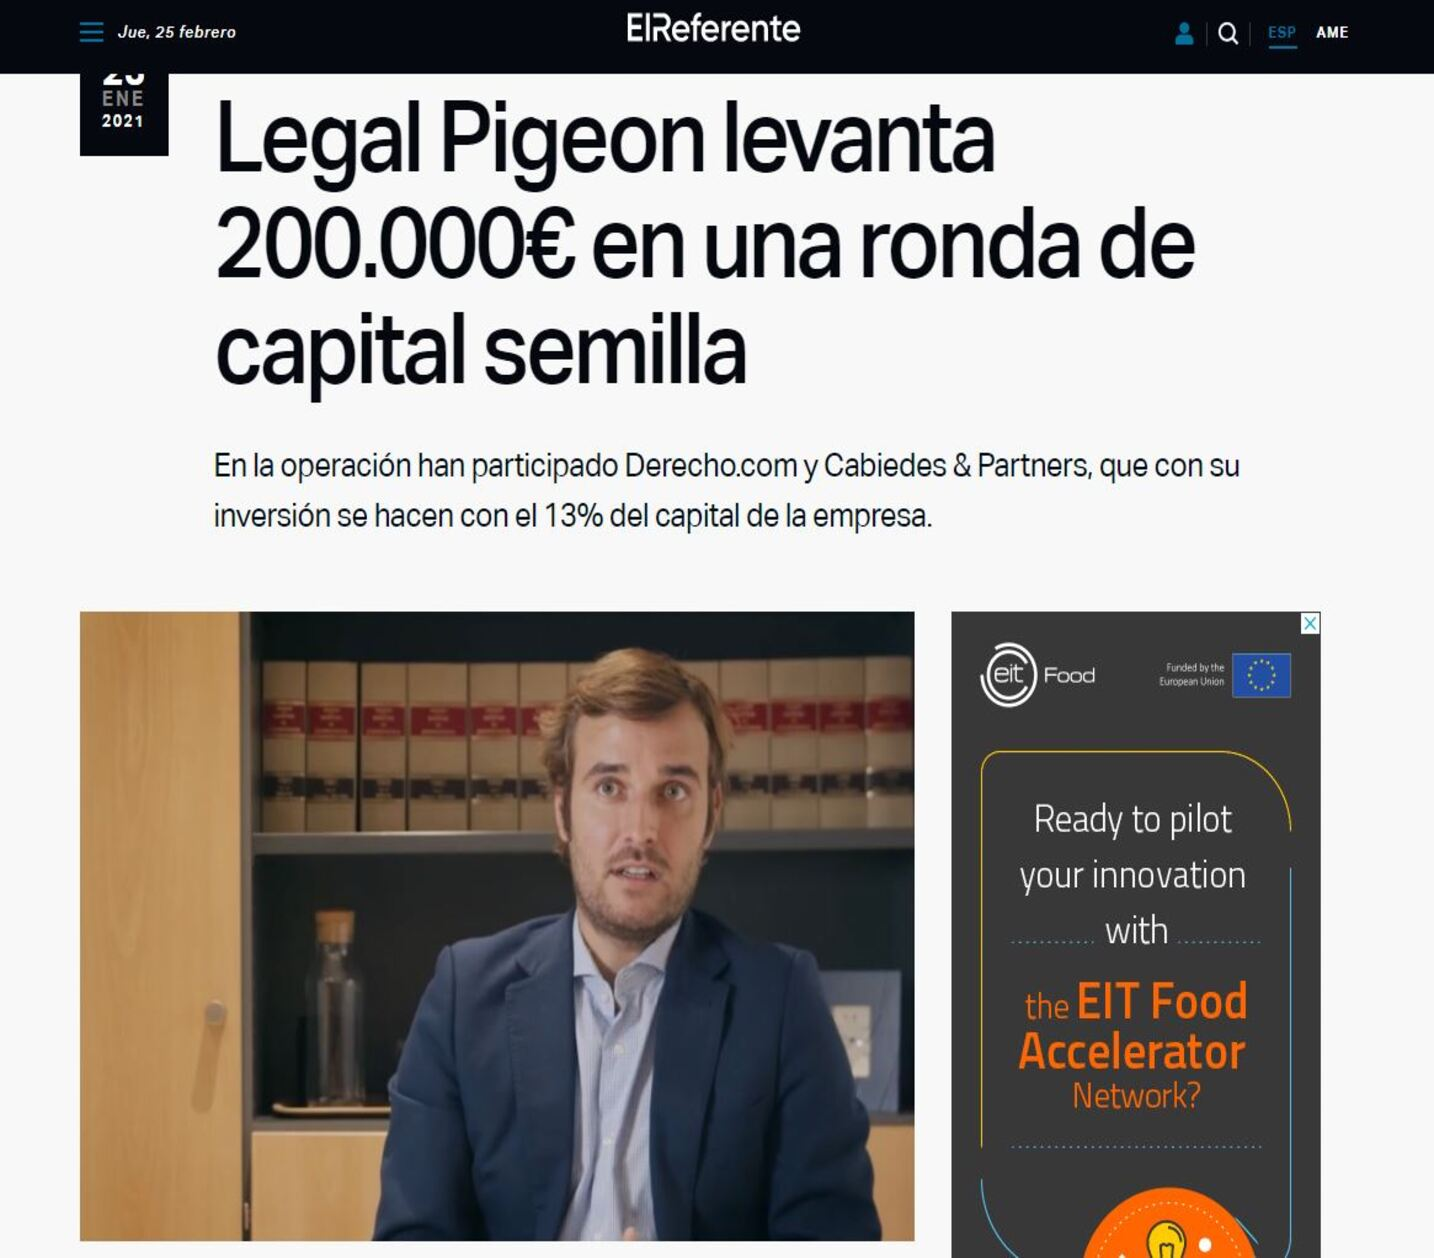 El Referente Legal Pigeon abogado sustituto